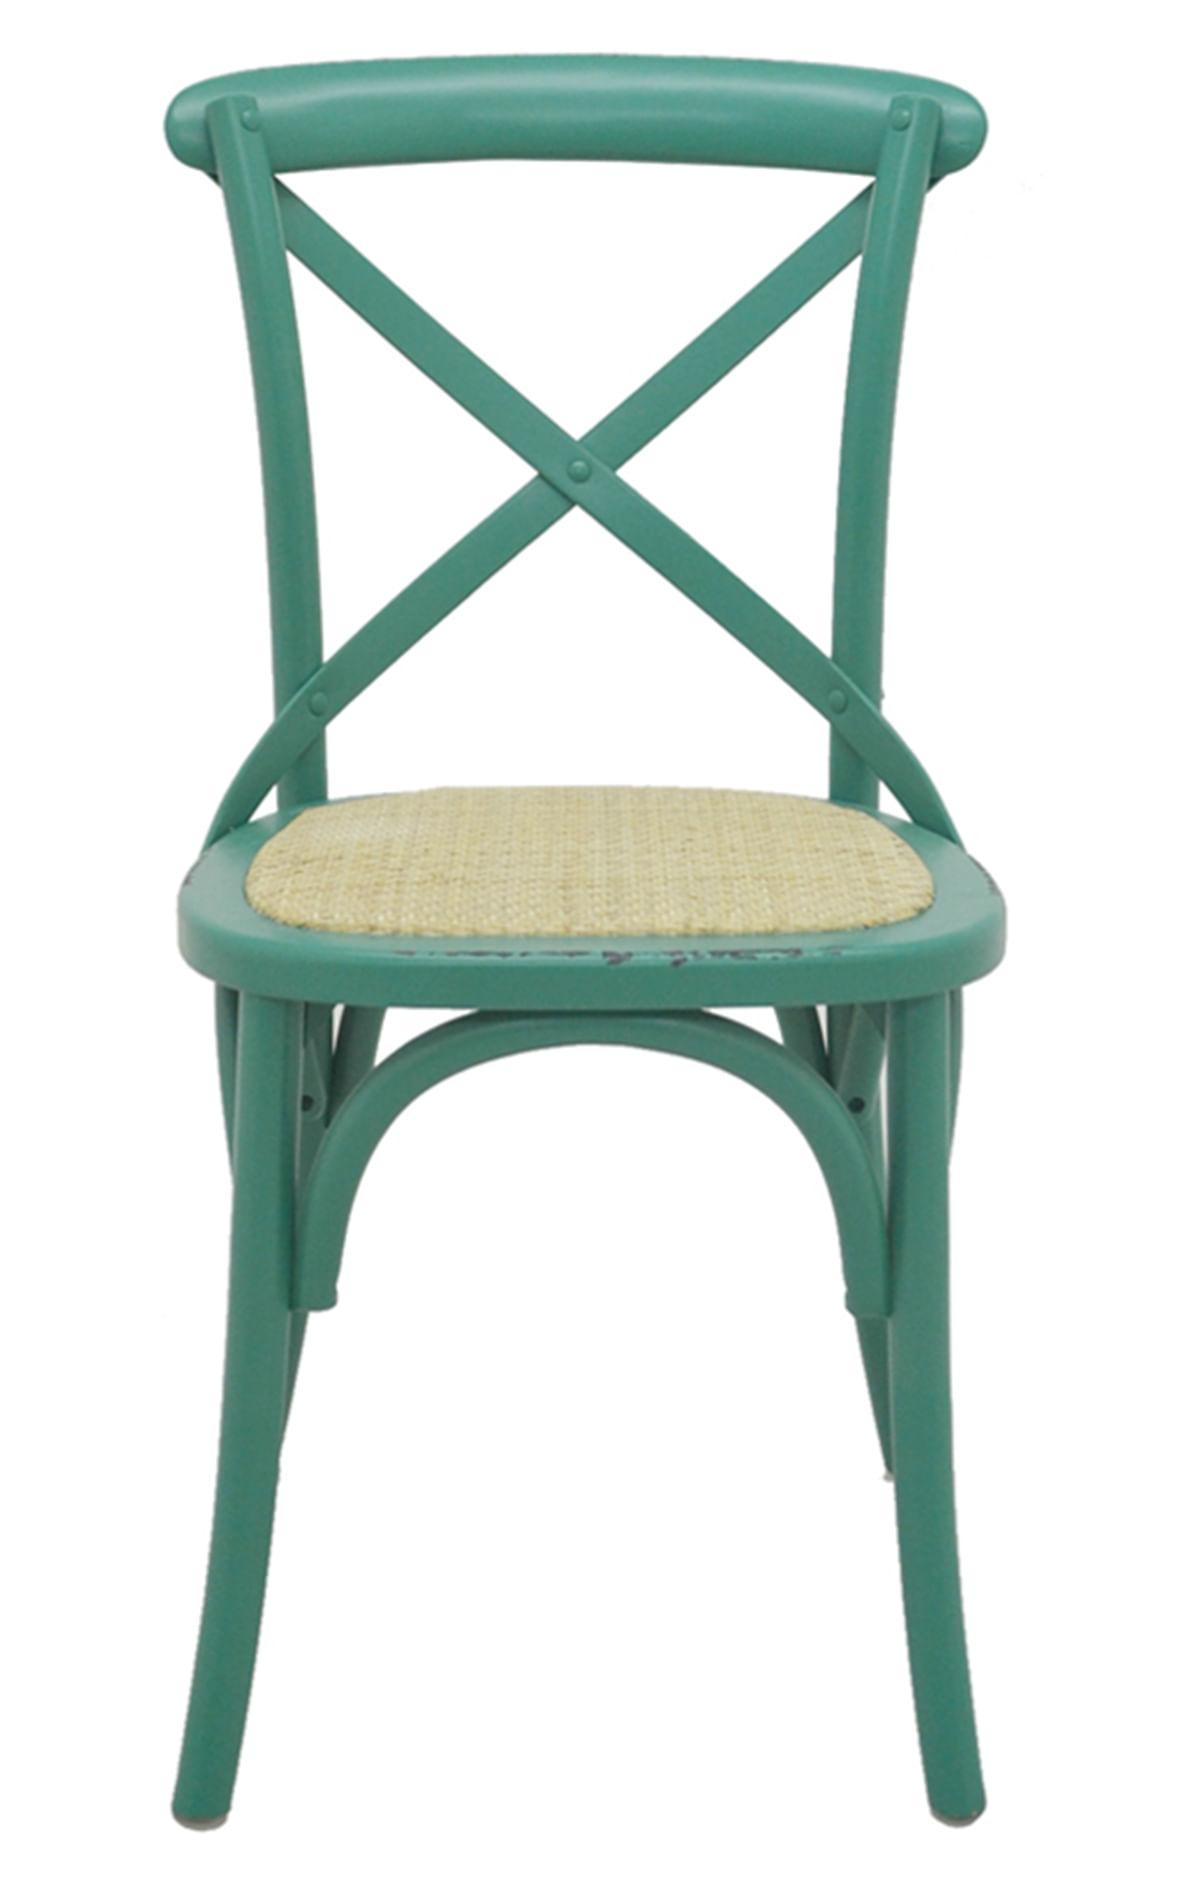 Cadeira Katrina Madeira Assento em Rattan cor Verde - 55474